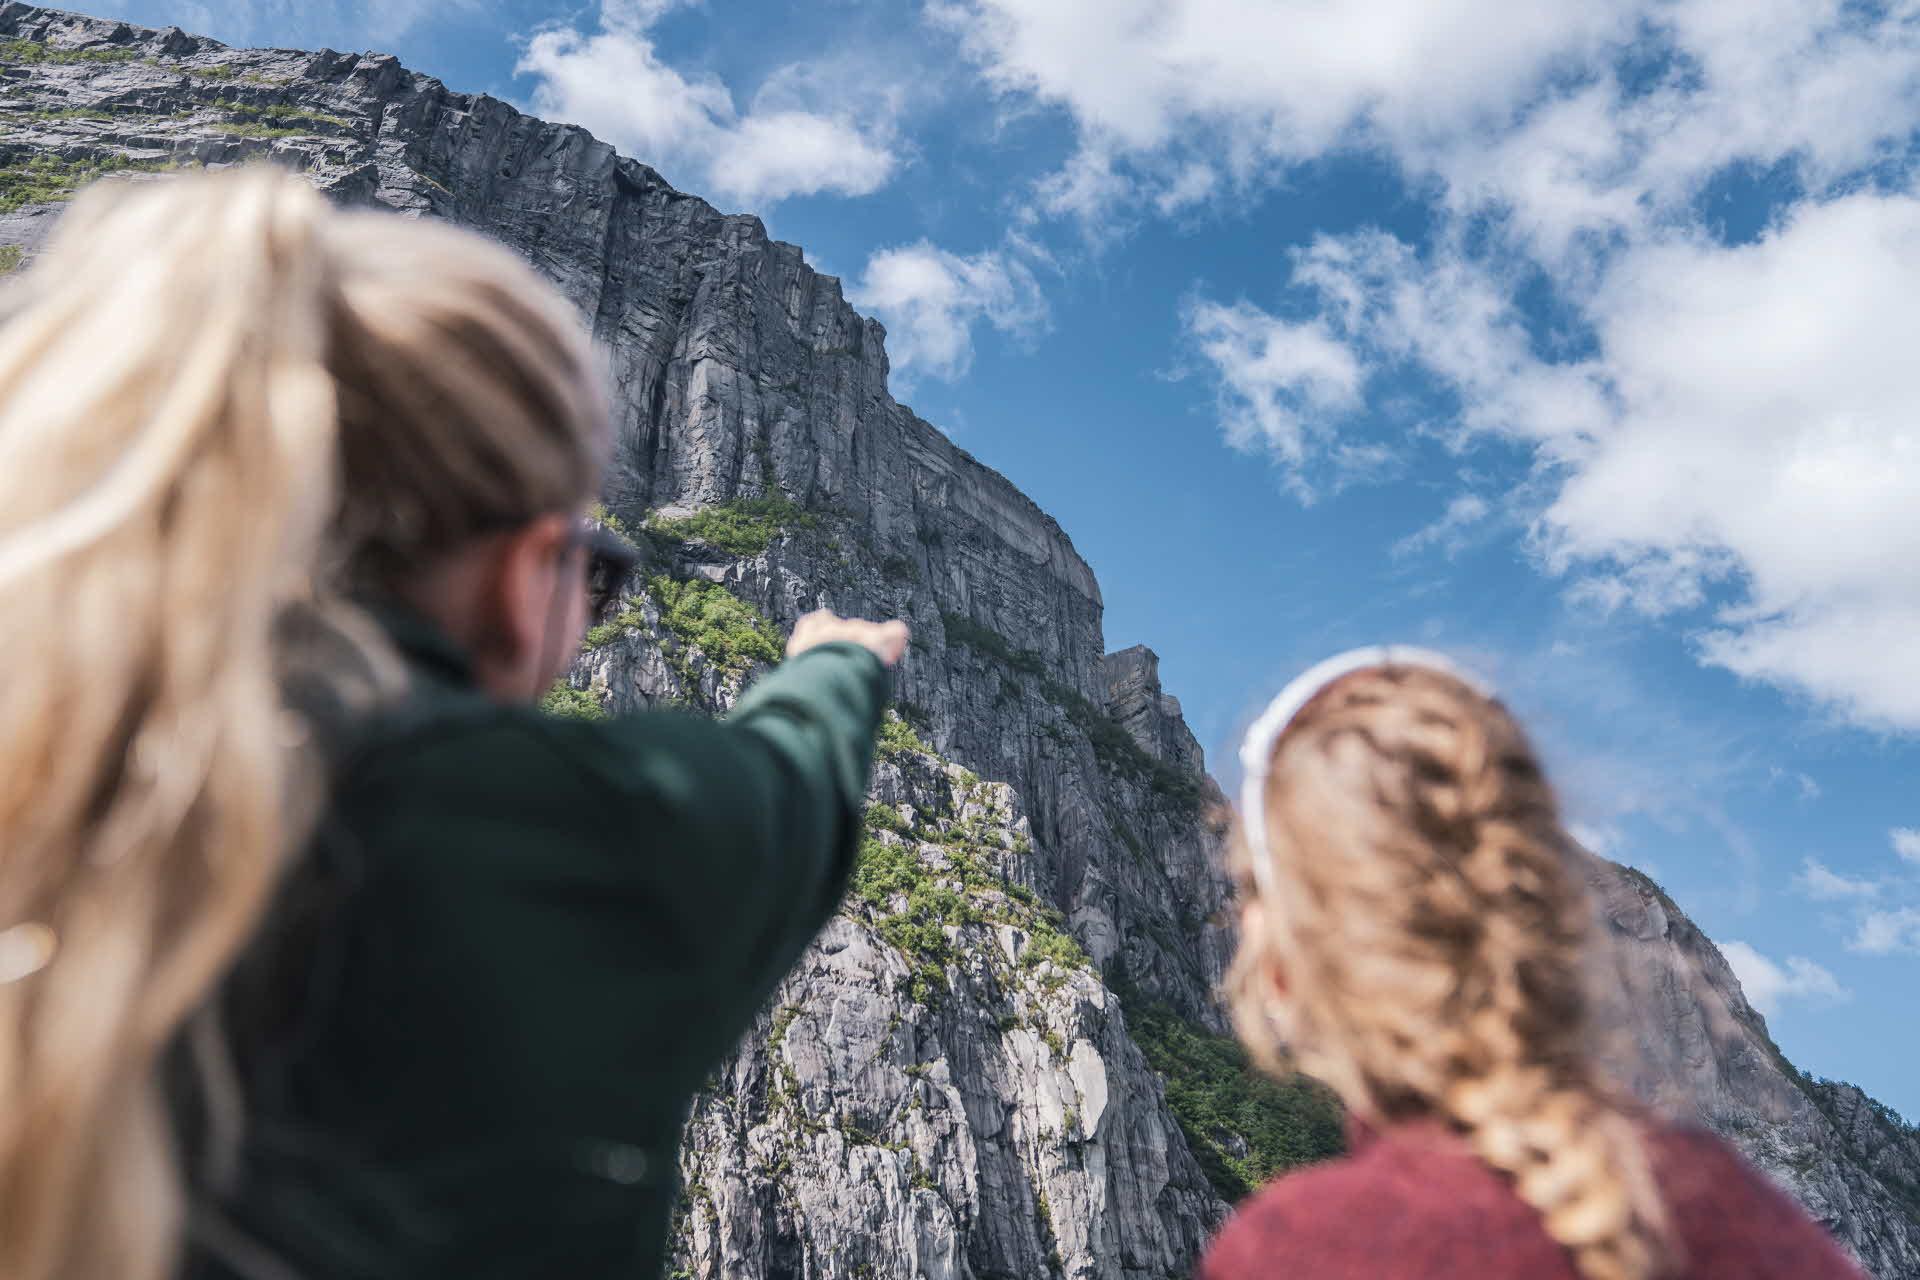 Kvinne peker mot Preikestolen om bord Fjord Cruise Lysefjord ved siden av venninne på en delvis overskyet sommerdag